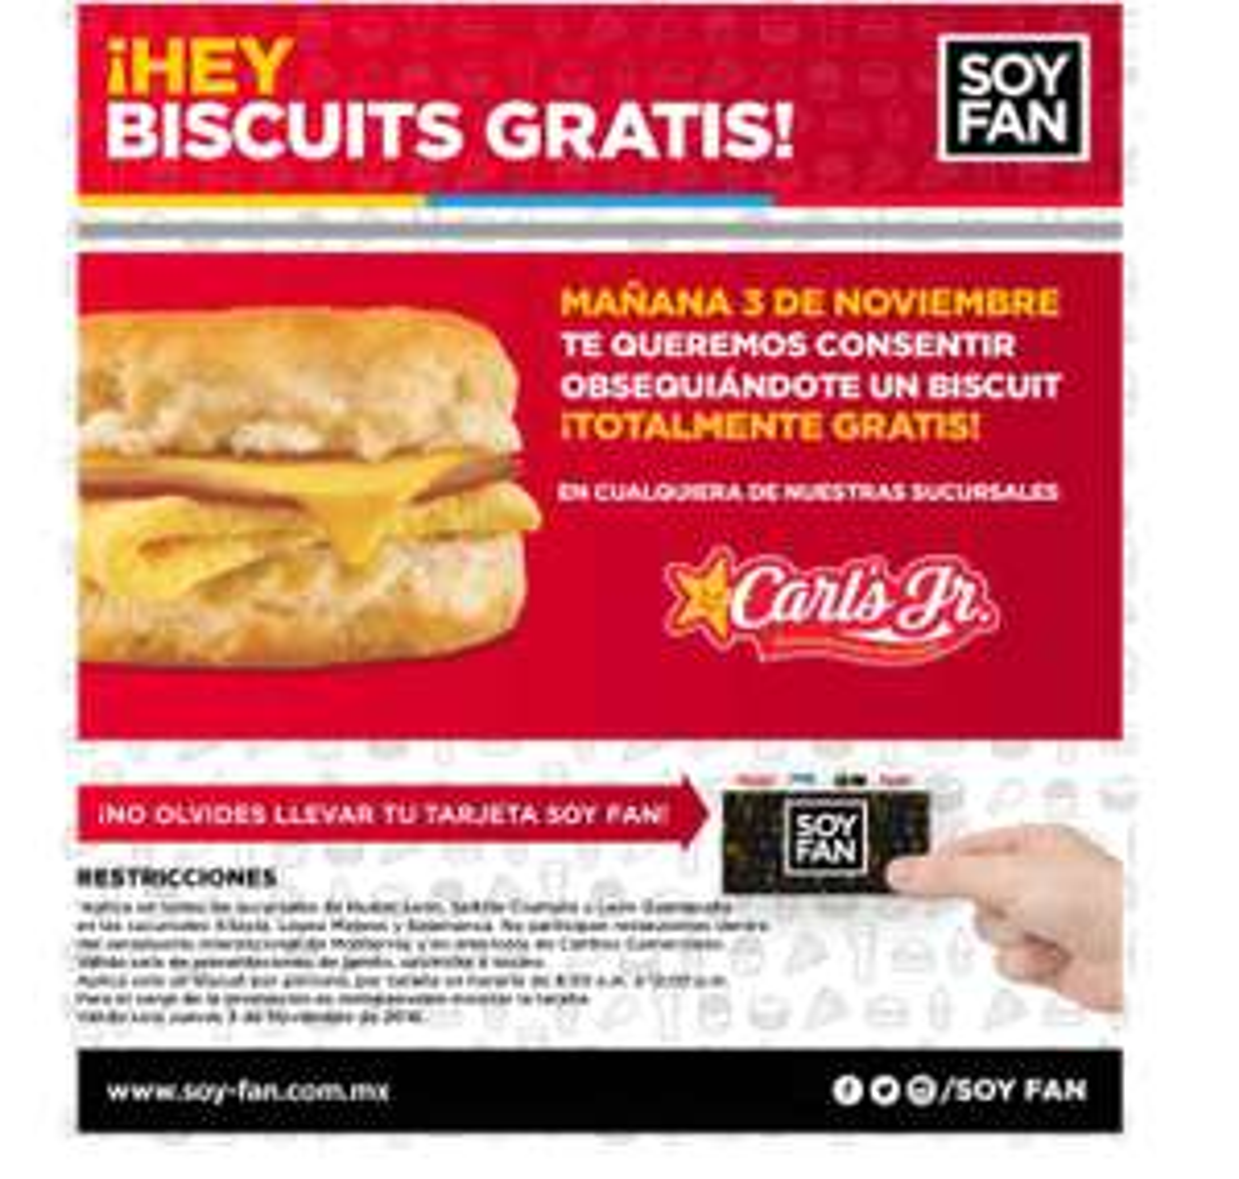 Carl's Jr Nuevo León, Saltillo y Guanajuato: Biscuit GRATIS con tarjeta Soy Fan